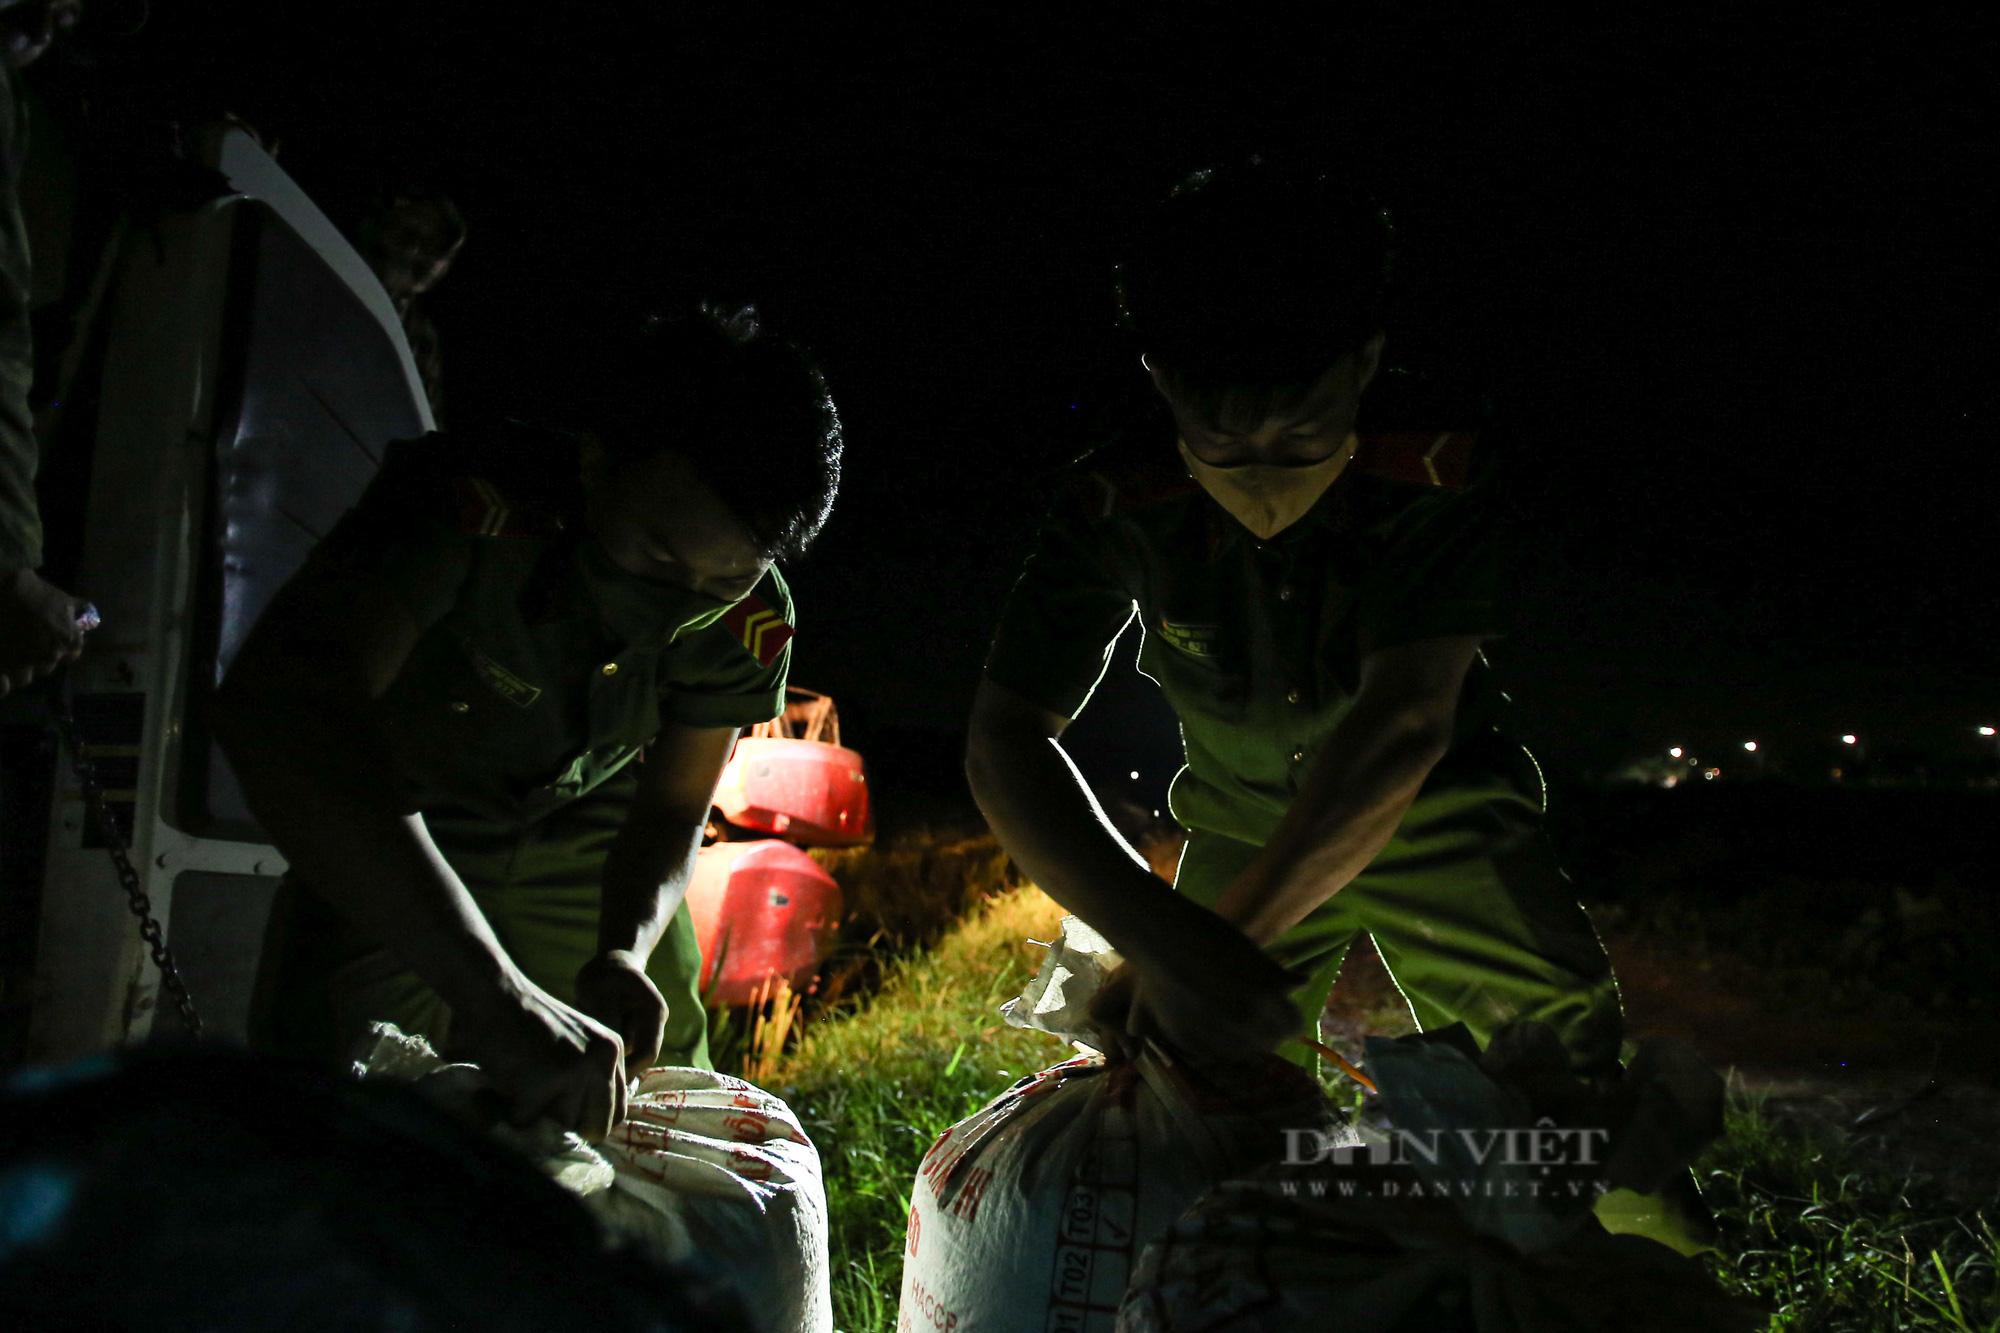 Hình ảnh chiến sĩ công an lội ruộng, ăn cơm vội để thu hoạch lúa giúp 141 hộ ở vùng cách ly y tế - Ảnh 11.